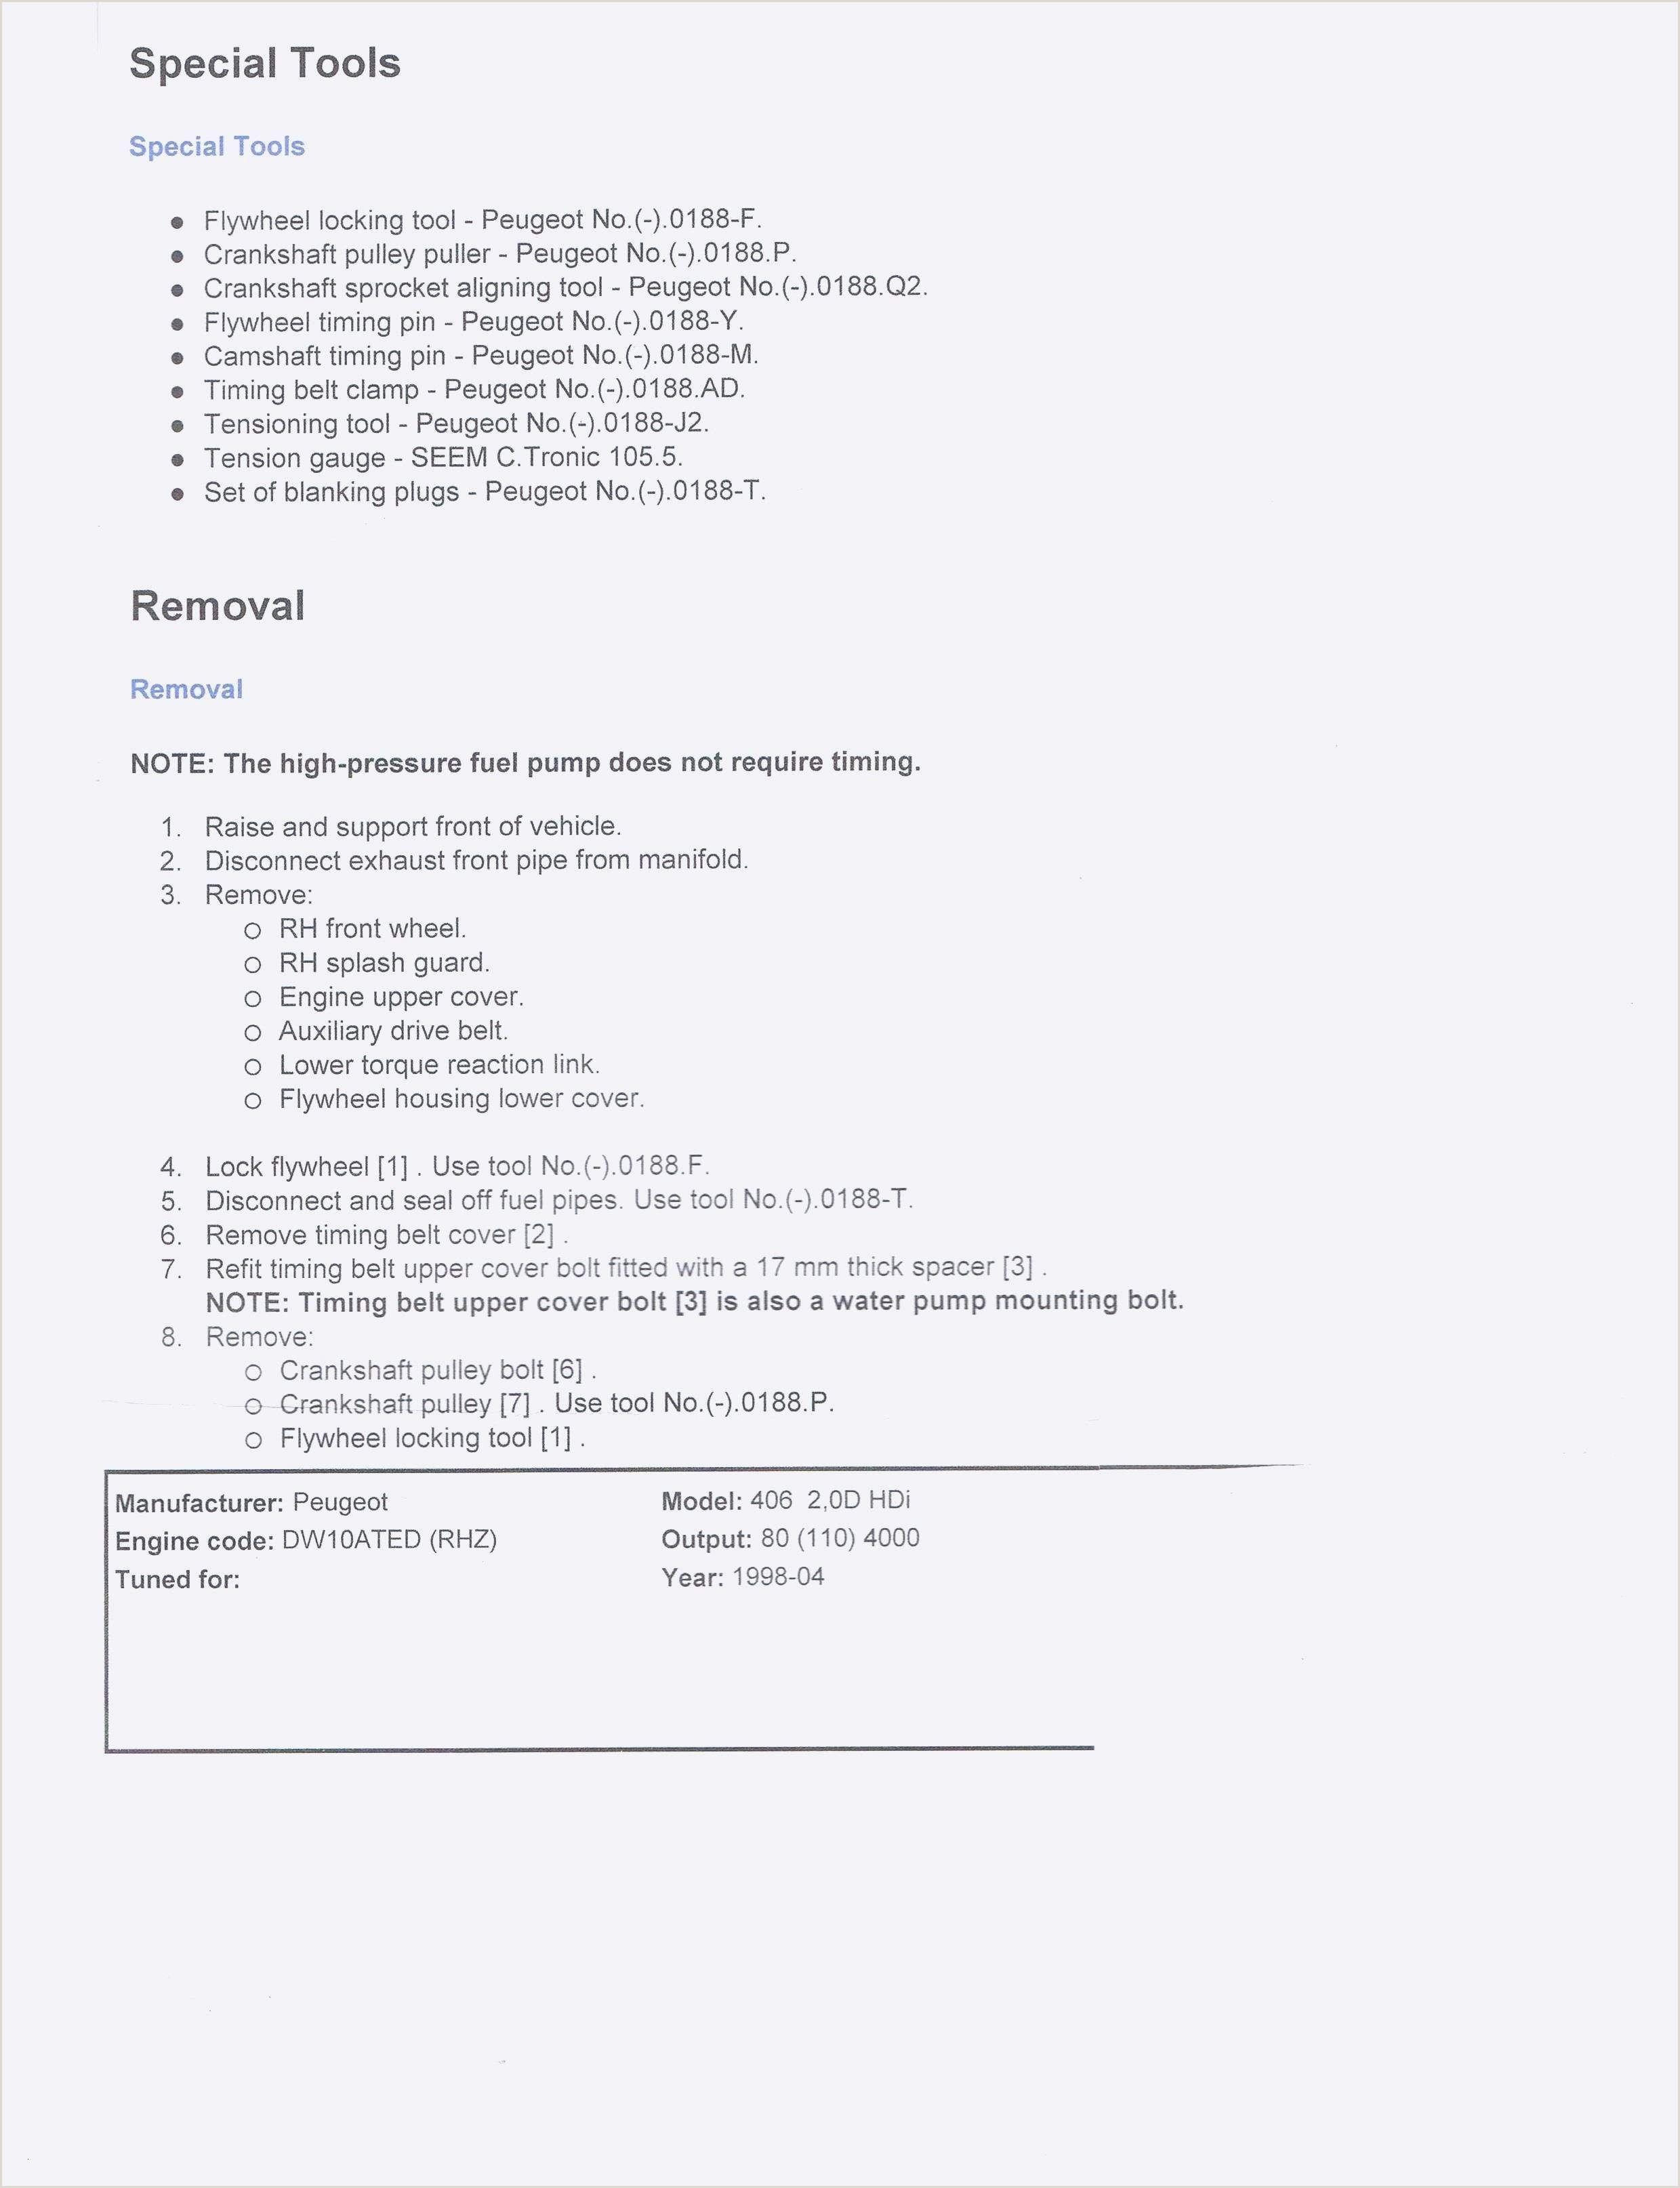 Lebenslauf Muster Textform 9 Free Lebenslauf Muster Zum Bearbeiten Für Jeden Jobsuche